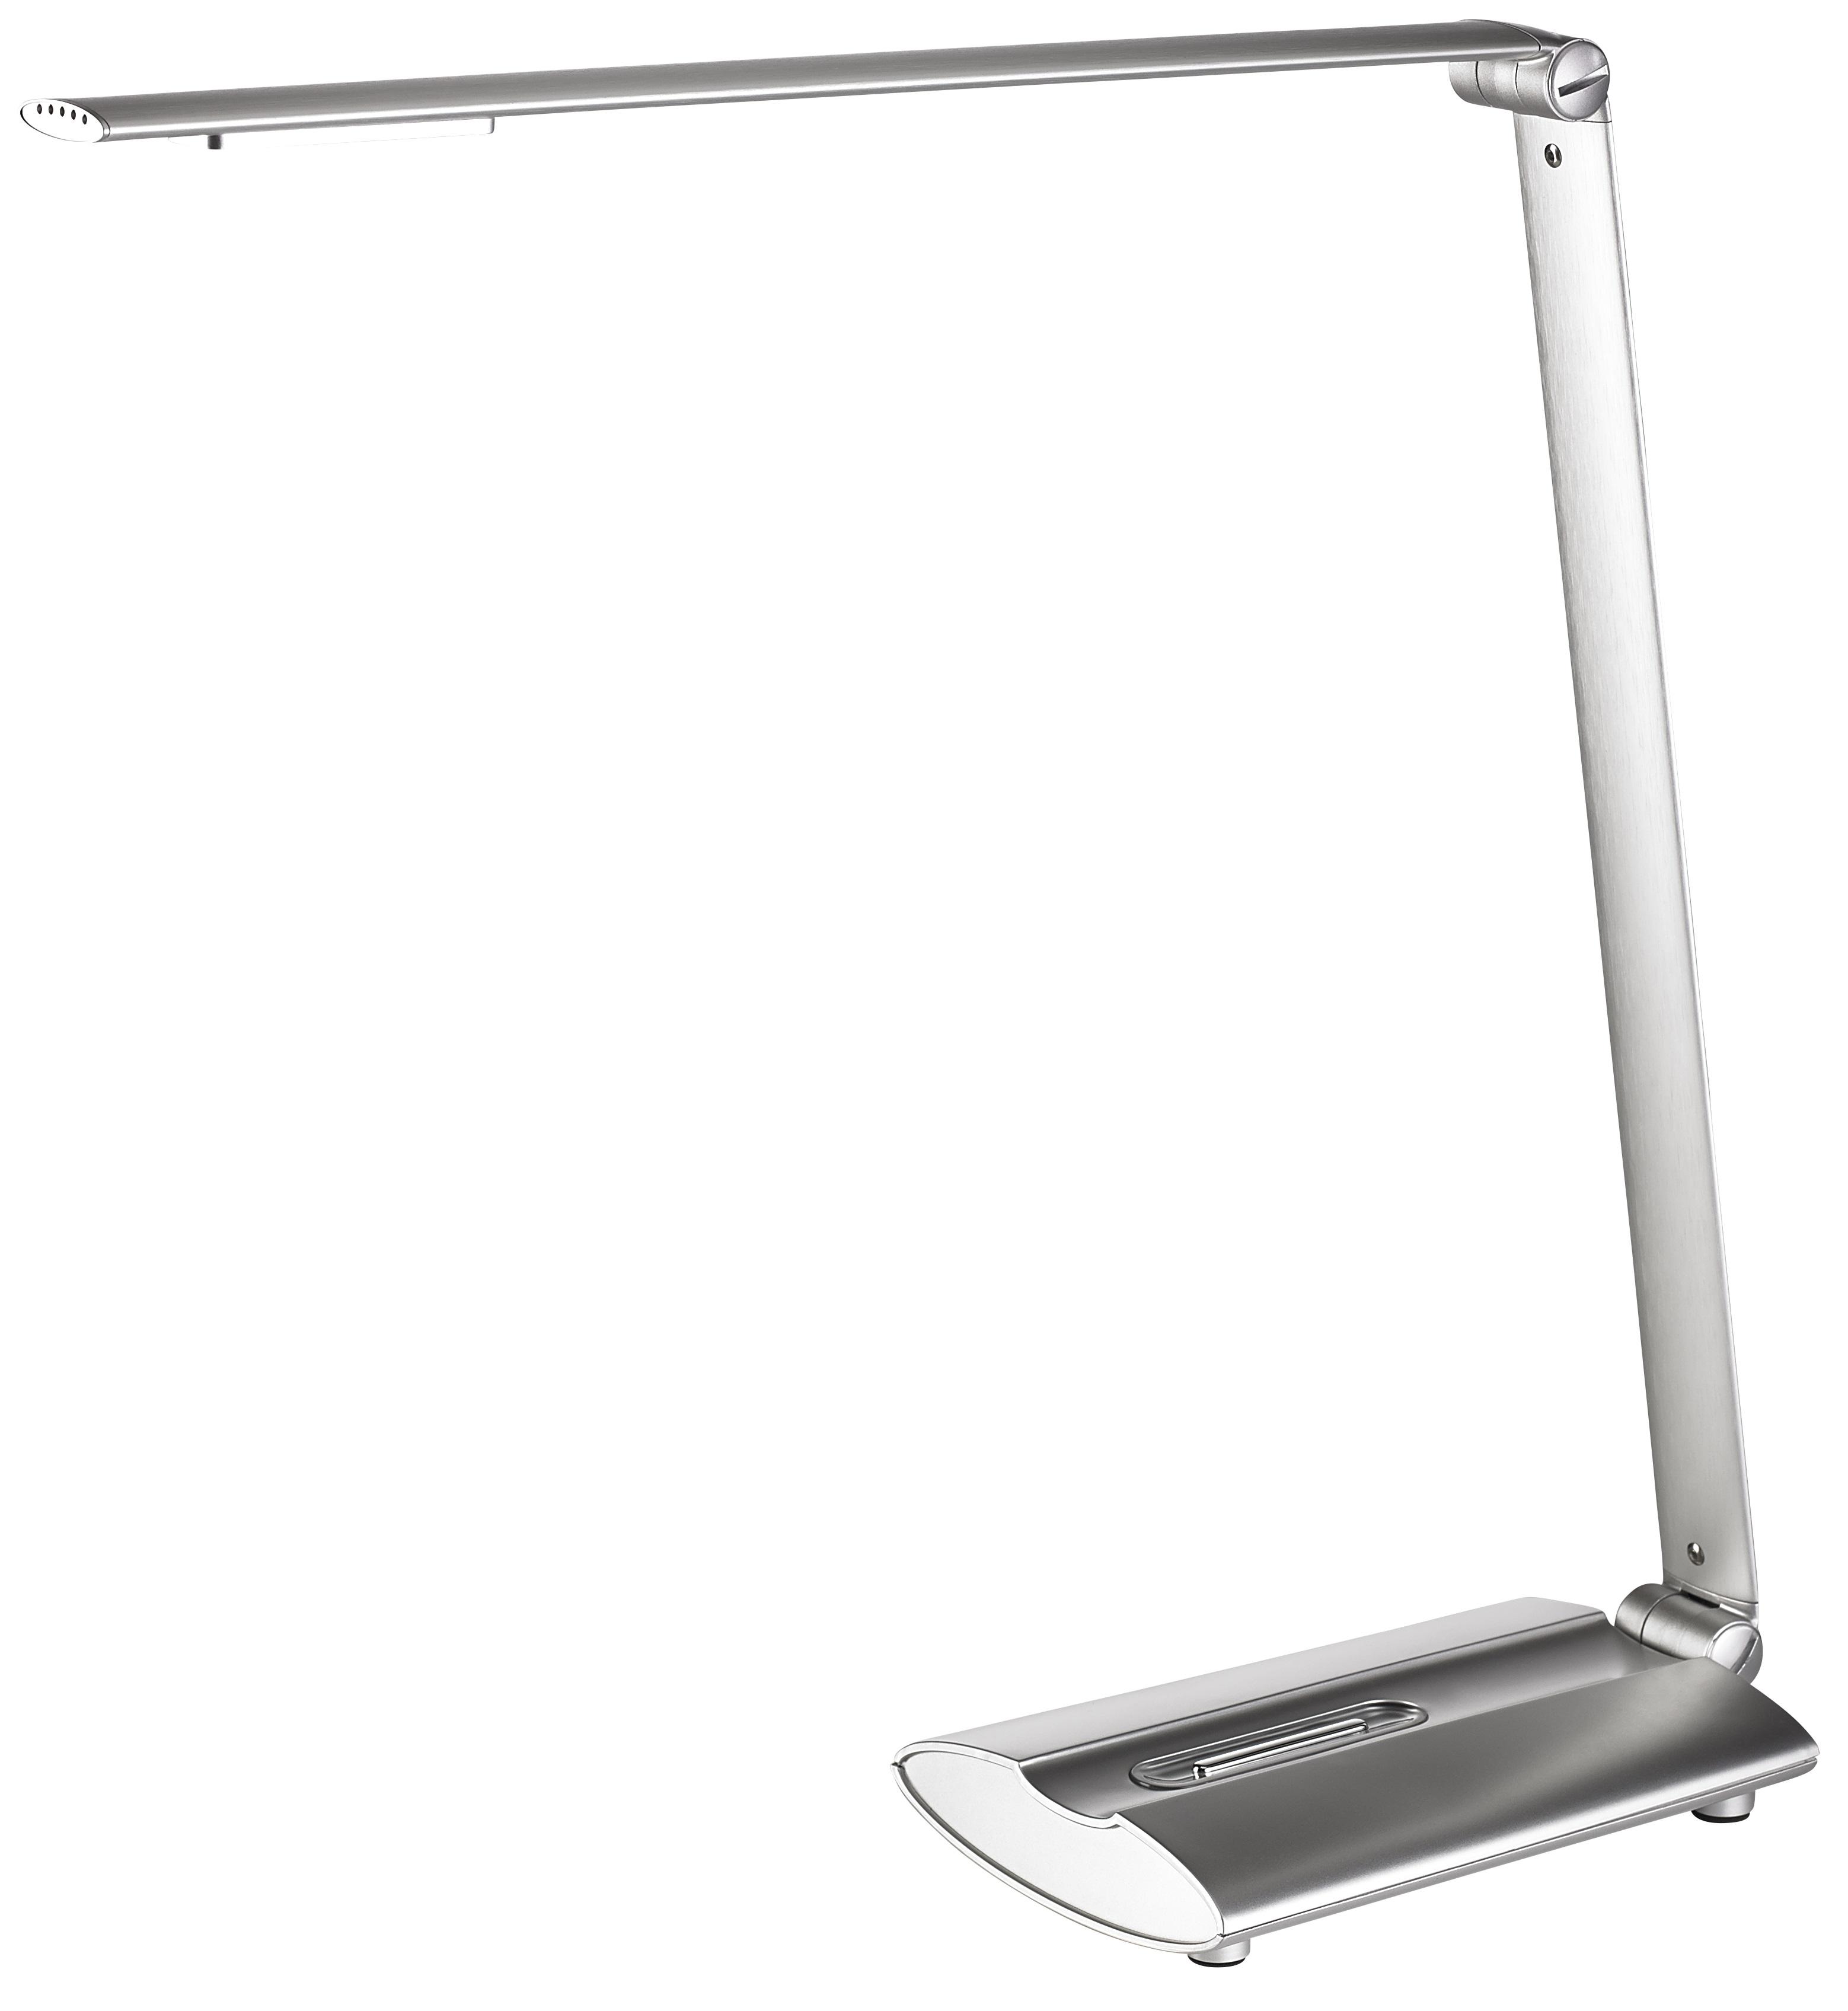 Lampa de birou cu led, 12 x 0.5W, 1800 lux - 40cm, cu brat articulat, ajustabila, ALCO - argintie